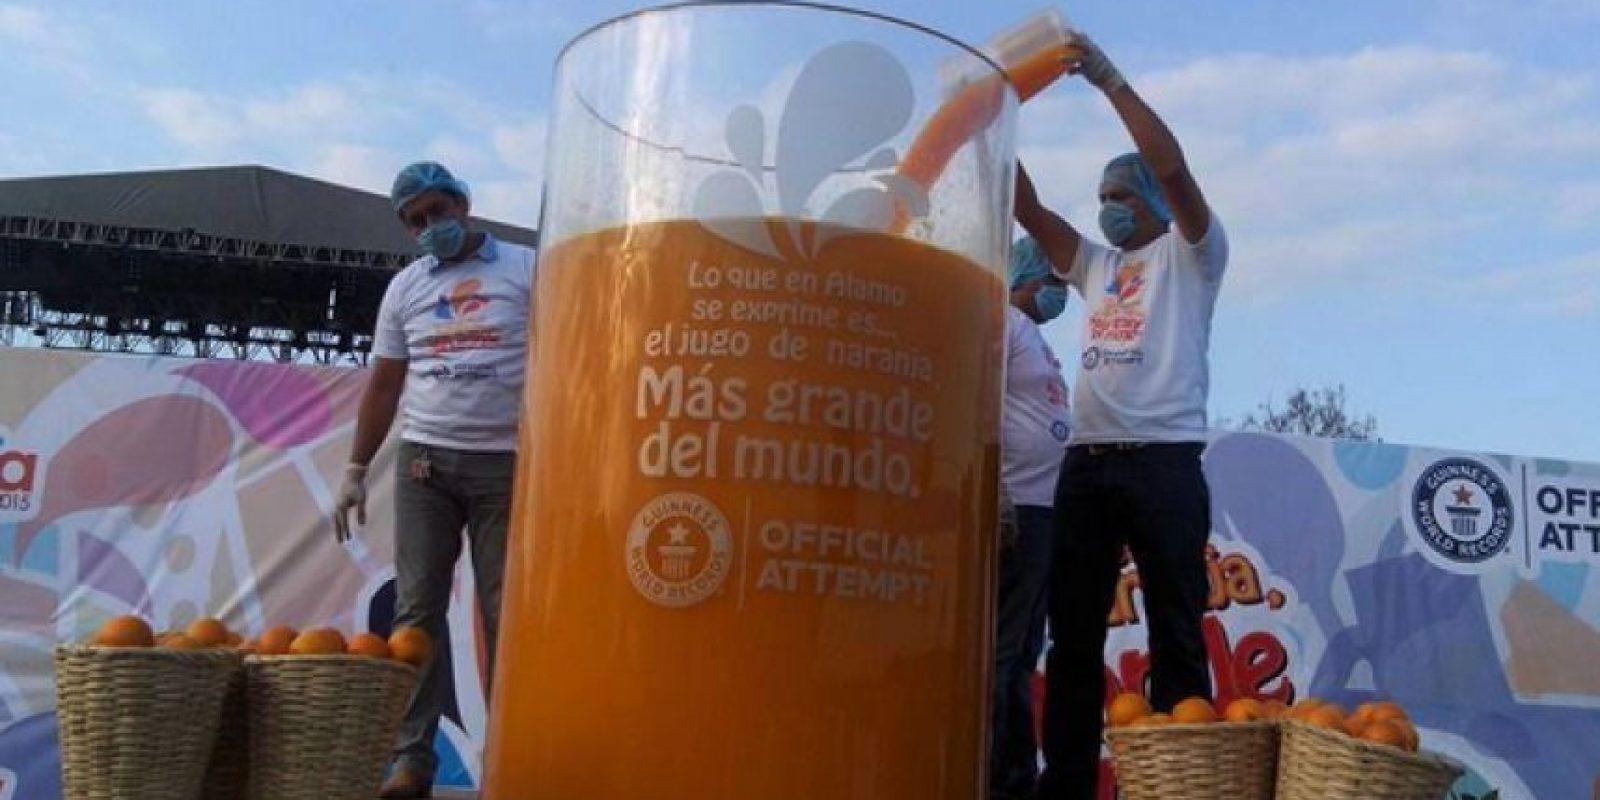 El jugo de naranja más grande del mundo. Foto:Vía guinnessworldrecords.es